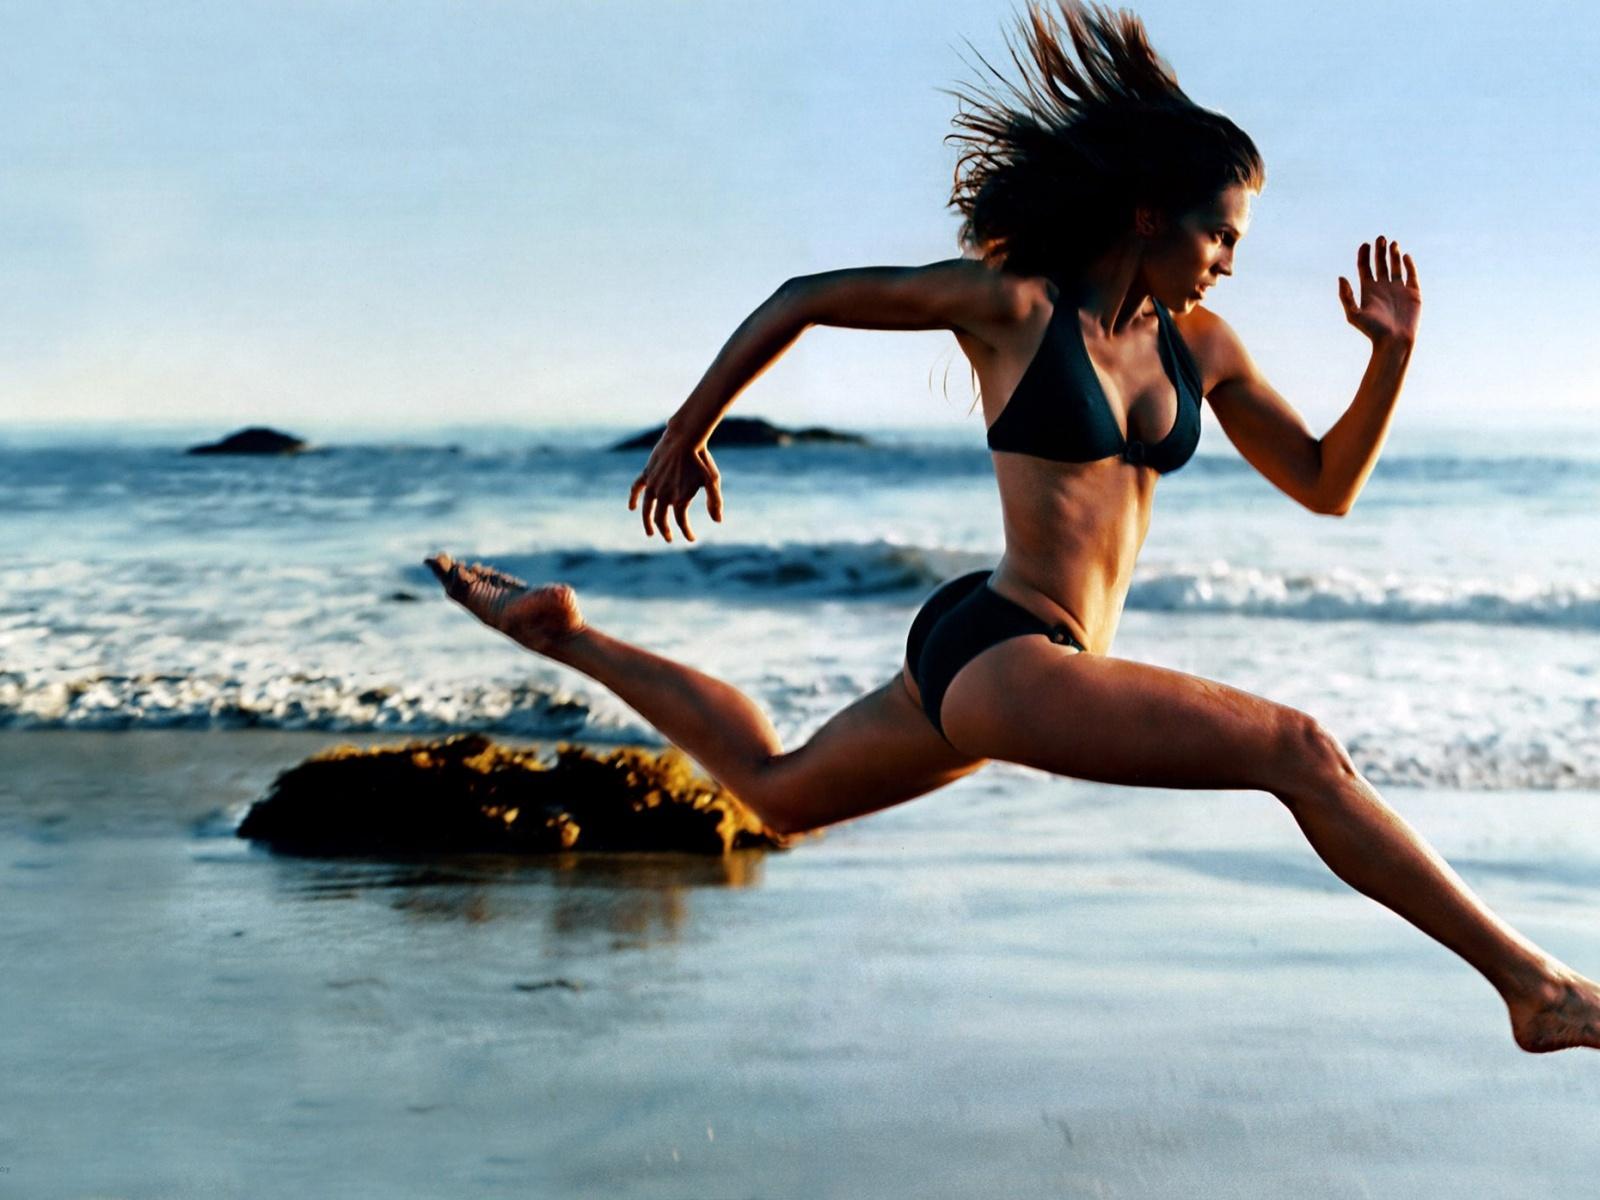 Быстро бегущая женщина